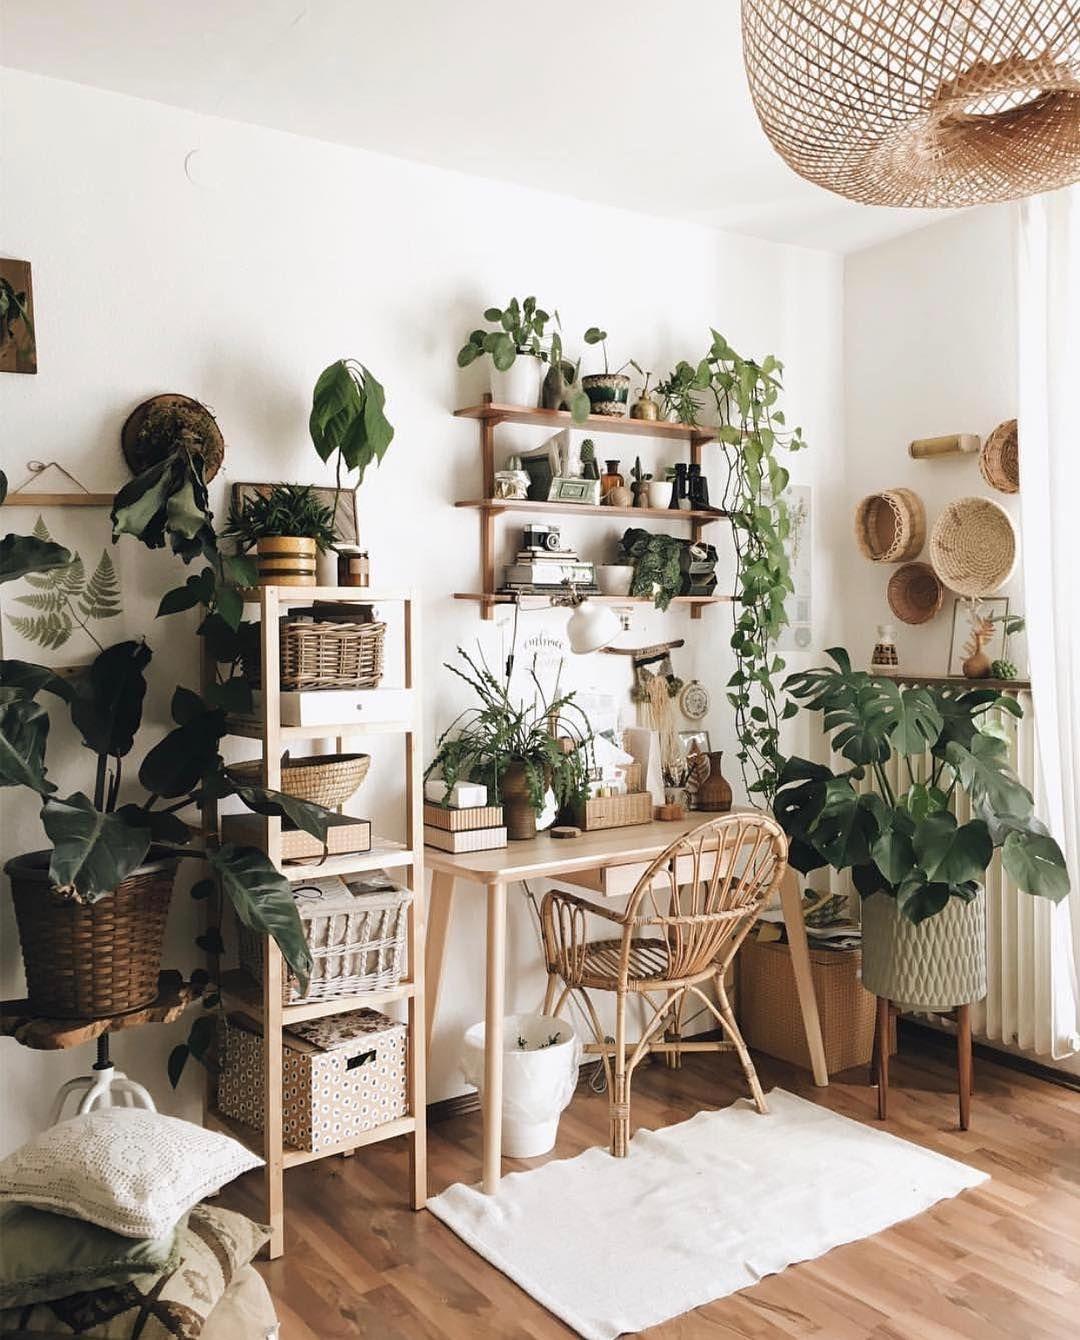 🌿 Inspirations de déco végétale no 17 #vegetale #plantes